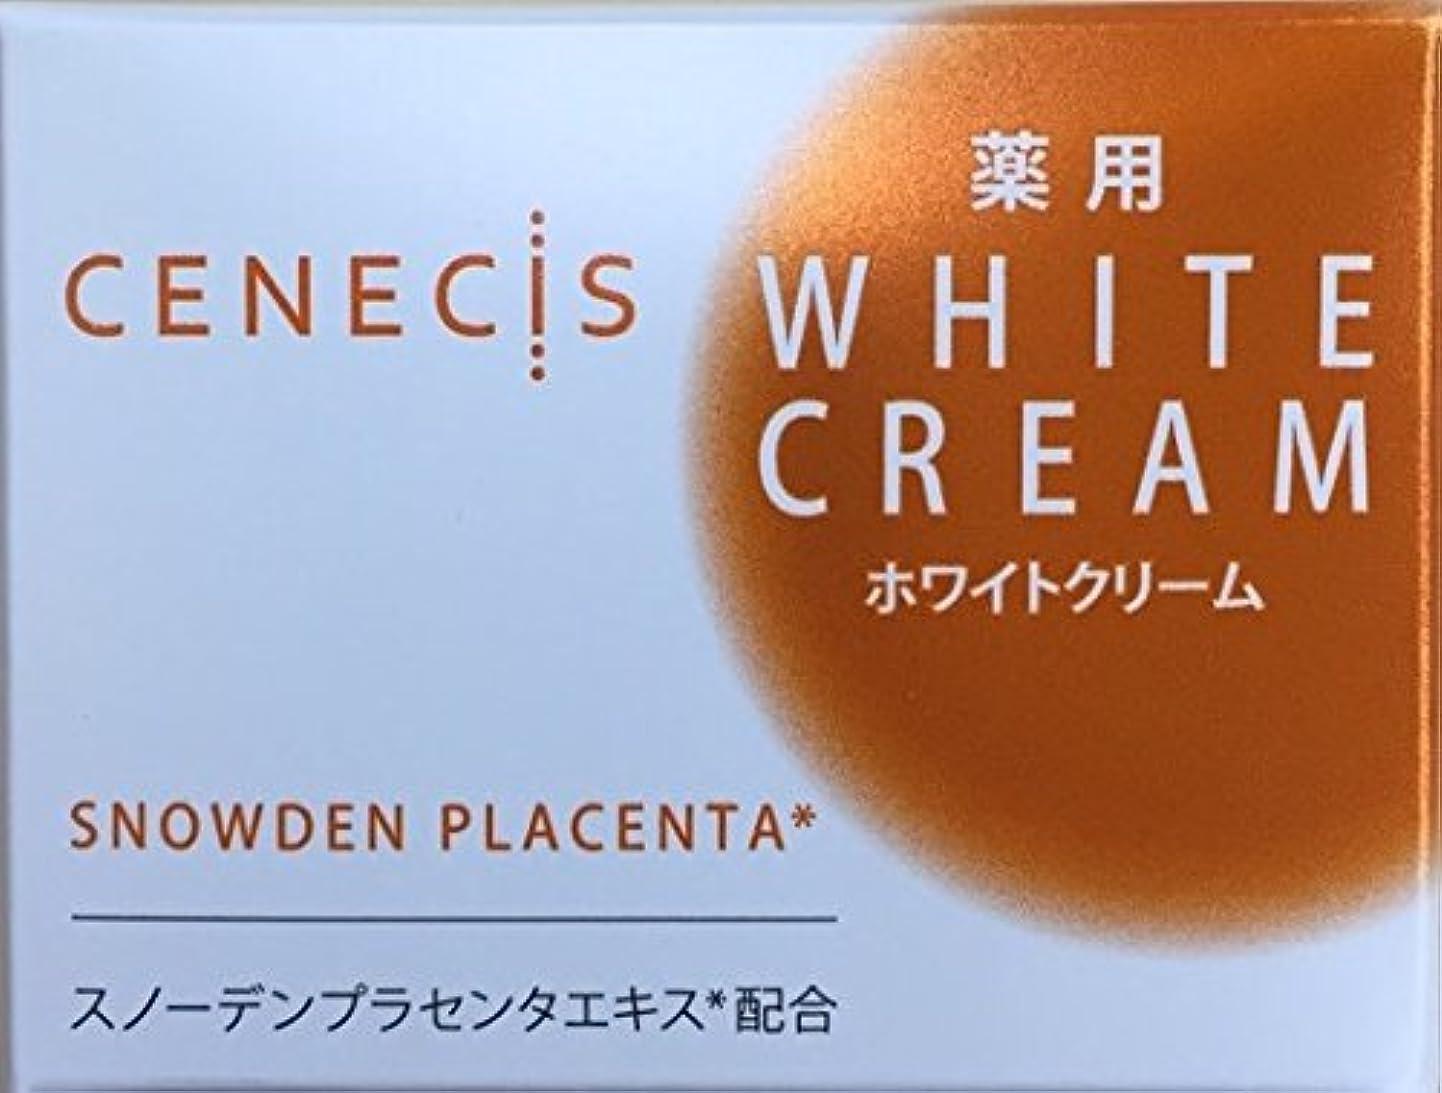 失態アルネ関与するスノーデン セネシス 薬用ホワイトクリーム 40g